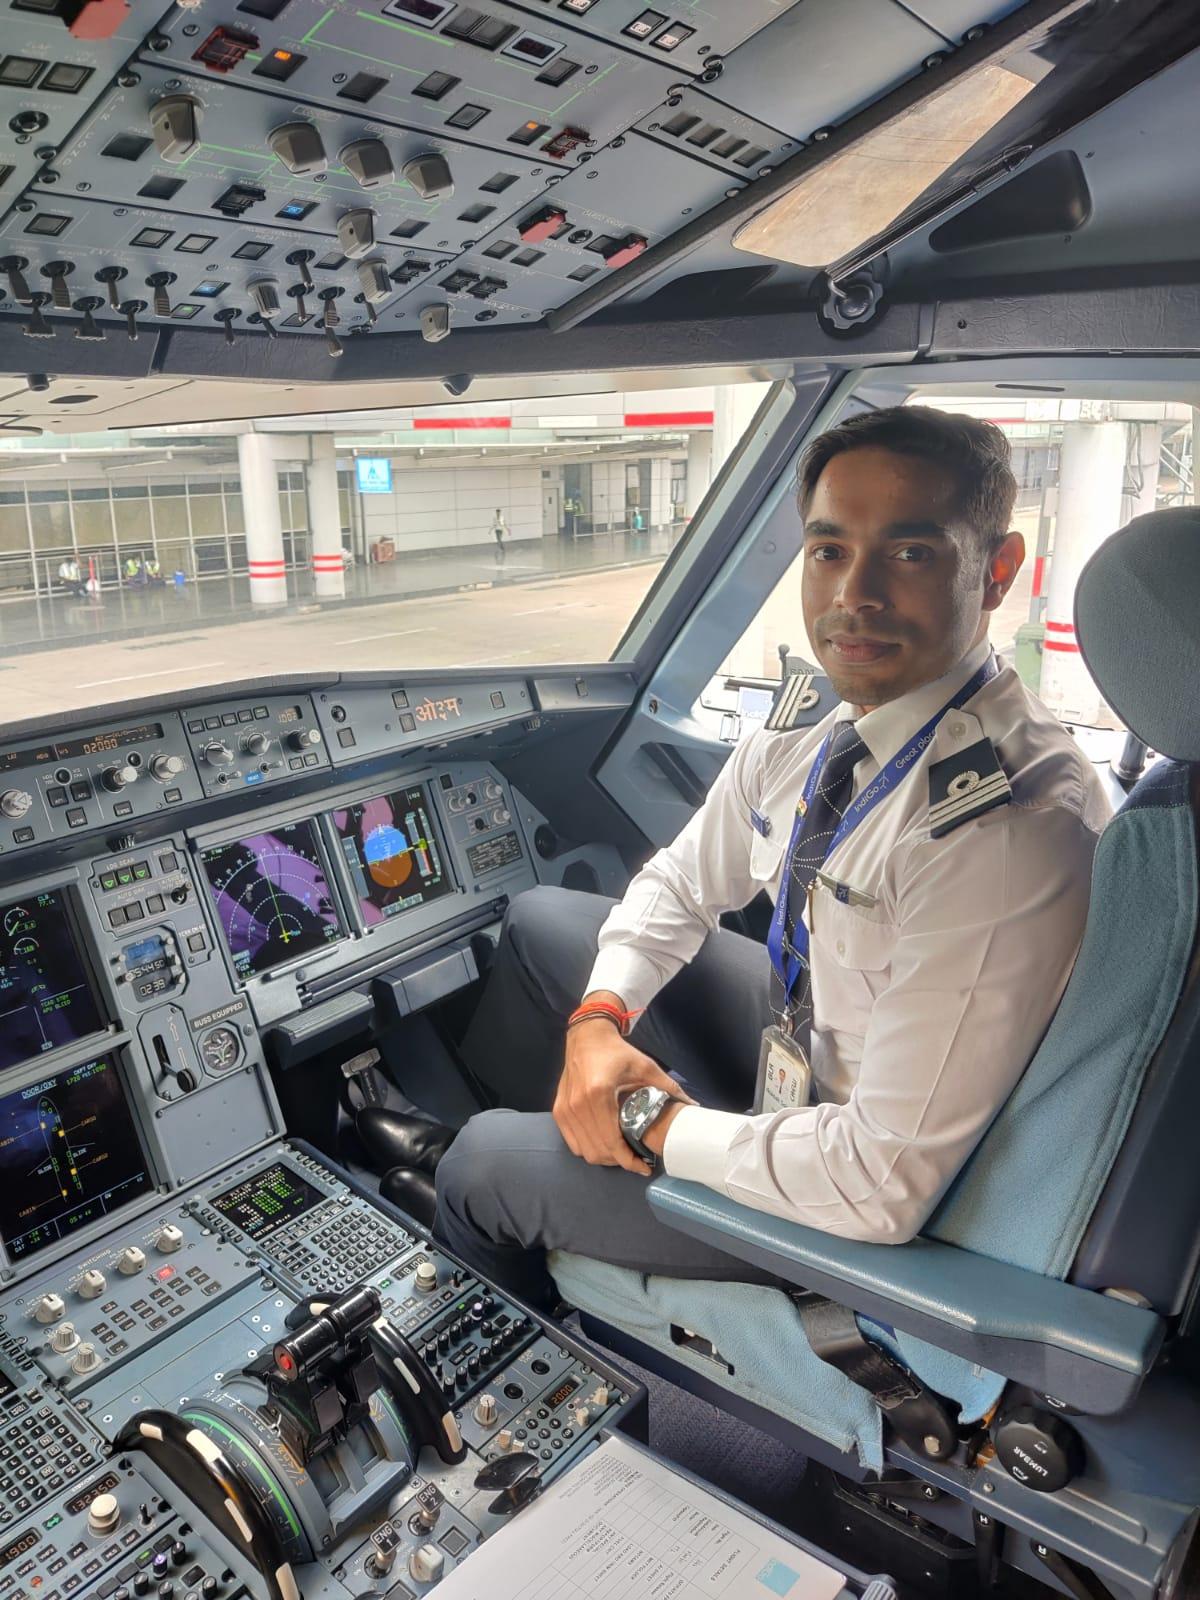 14 से शुरू हो रही है दोनों शहरों के बीच उड़ान, भाई से मिली पायलट बनने की प्रेरणा; शूटिंग के नेशनल प्लेयर हैं आकाश मथुरा,Mathura - Dainik Bhaskar